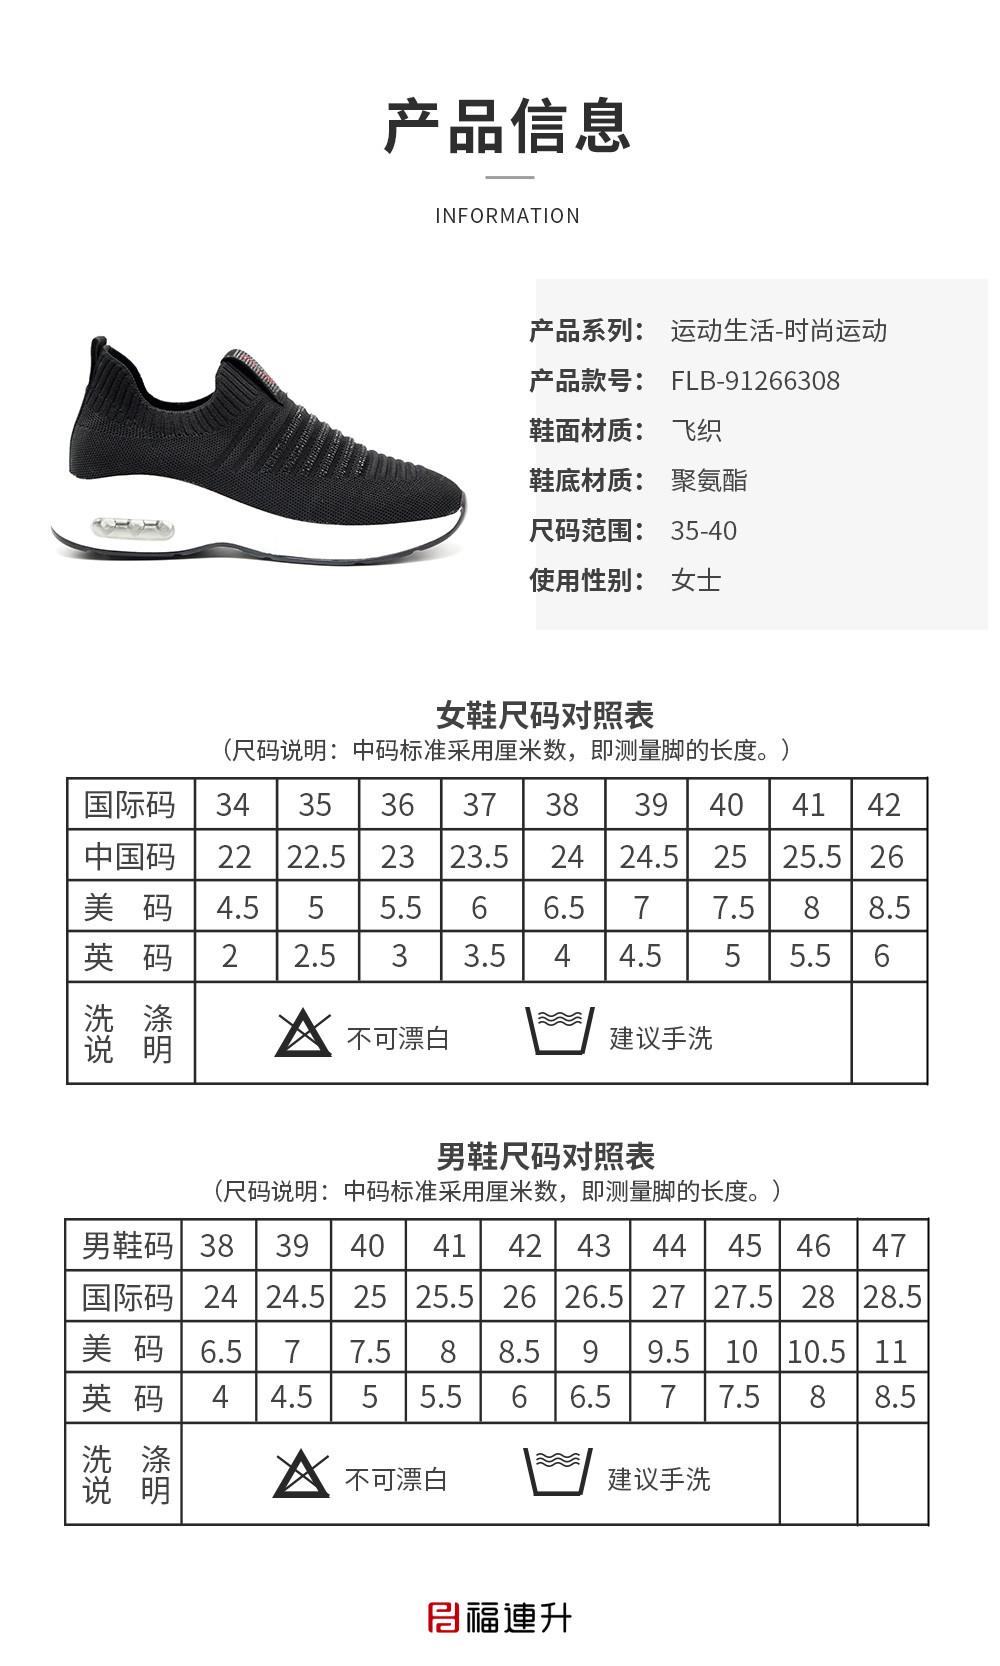 福连升休闲鞋女广场舞鞋软底舒适飞织透气运动舞蹈鞋图片